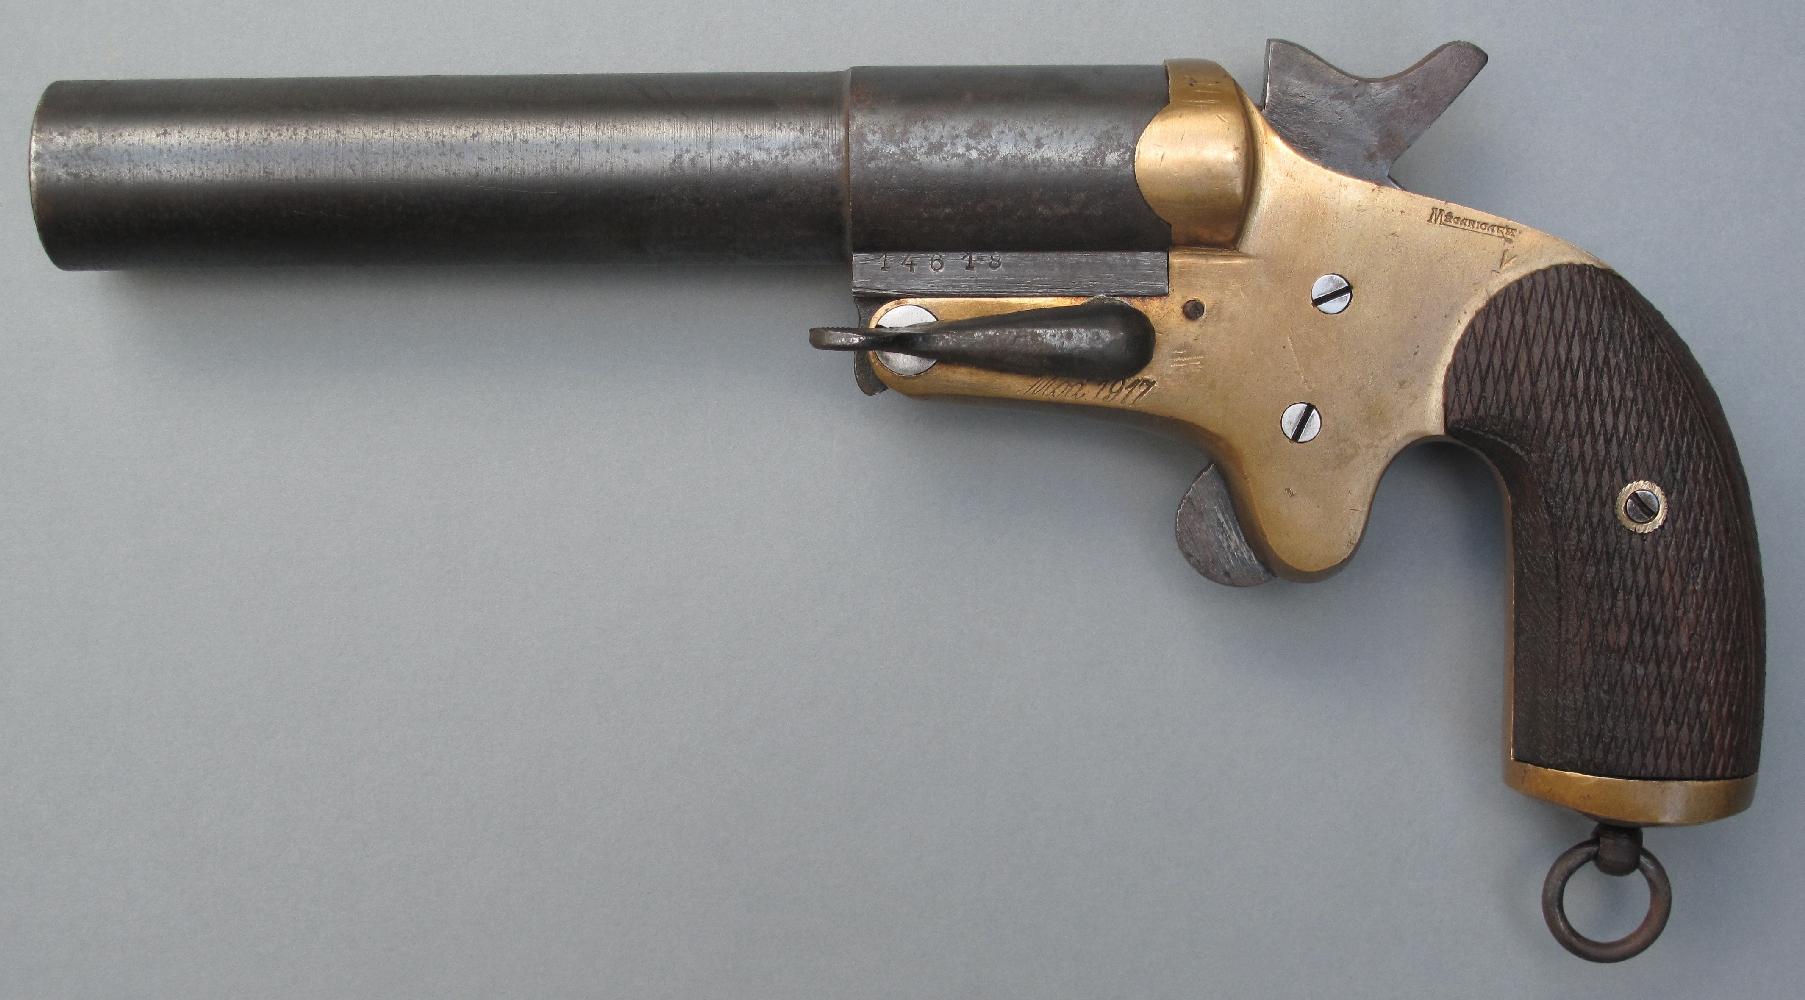 Il sera remplacé par le « modèle 1917 », un pistolet de conception semblable mais doté d'un canon long de 180 mm, en acier, permettant d'accroître la portée des artifices.